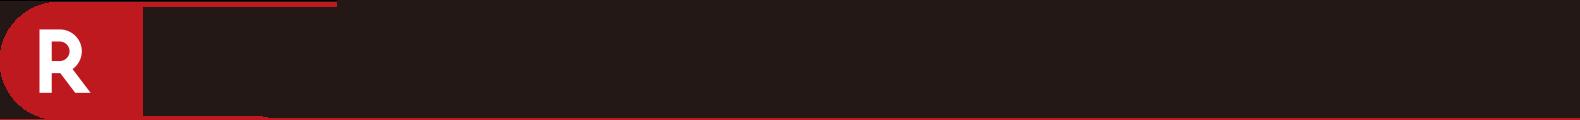 Rakuten SHOWTIME ロゴ